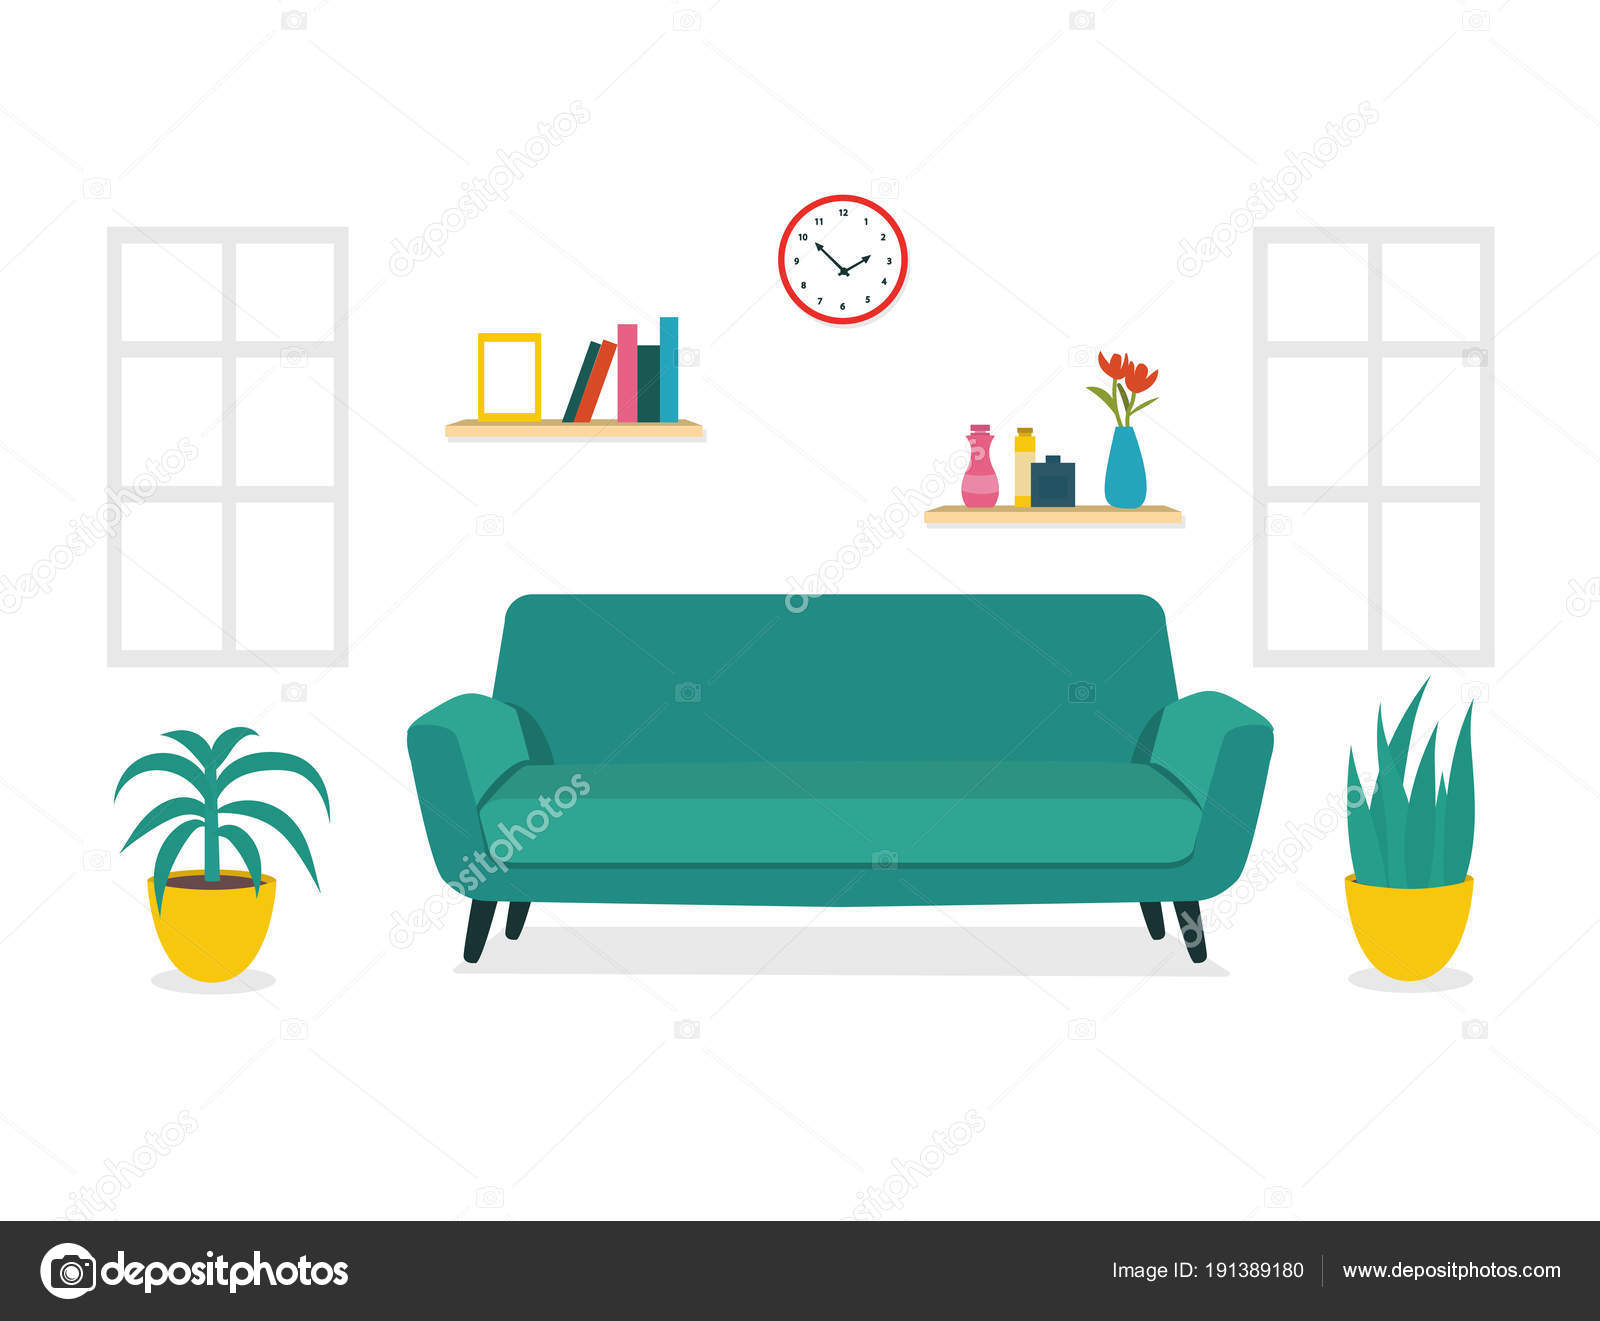 Modernes Design Wohnzimmer Interieur. Gestaltung Der Zimmer Mit Einem Sofa,  Fenster Und Einrichtung Zubehör U2014 Vektor Von OlenaHalahan